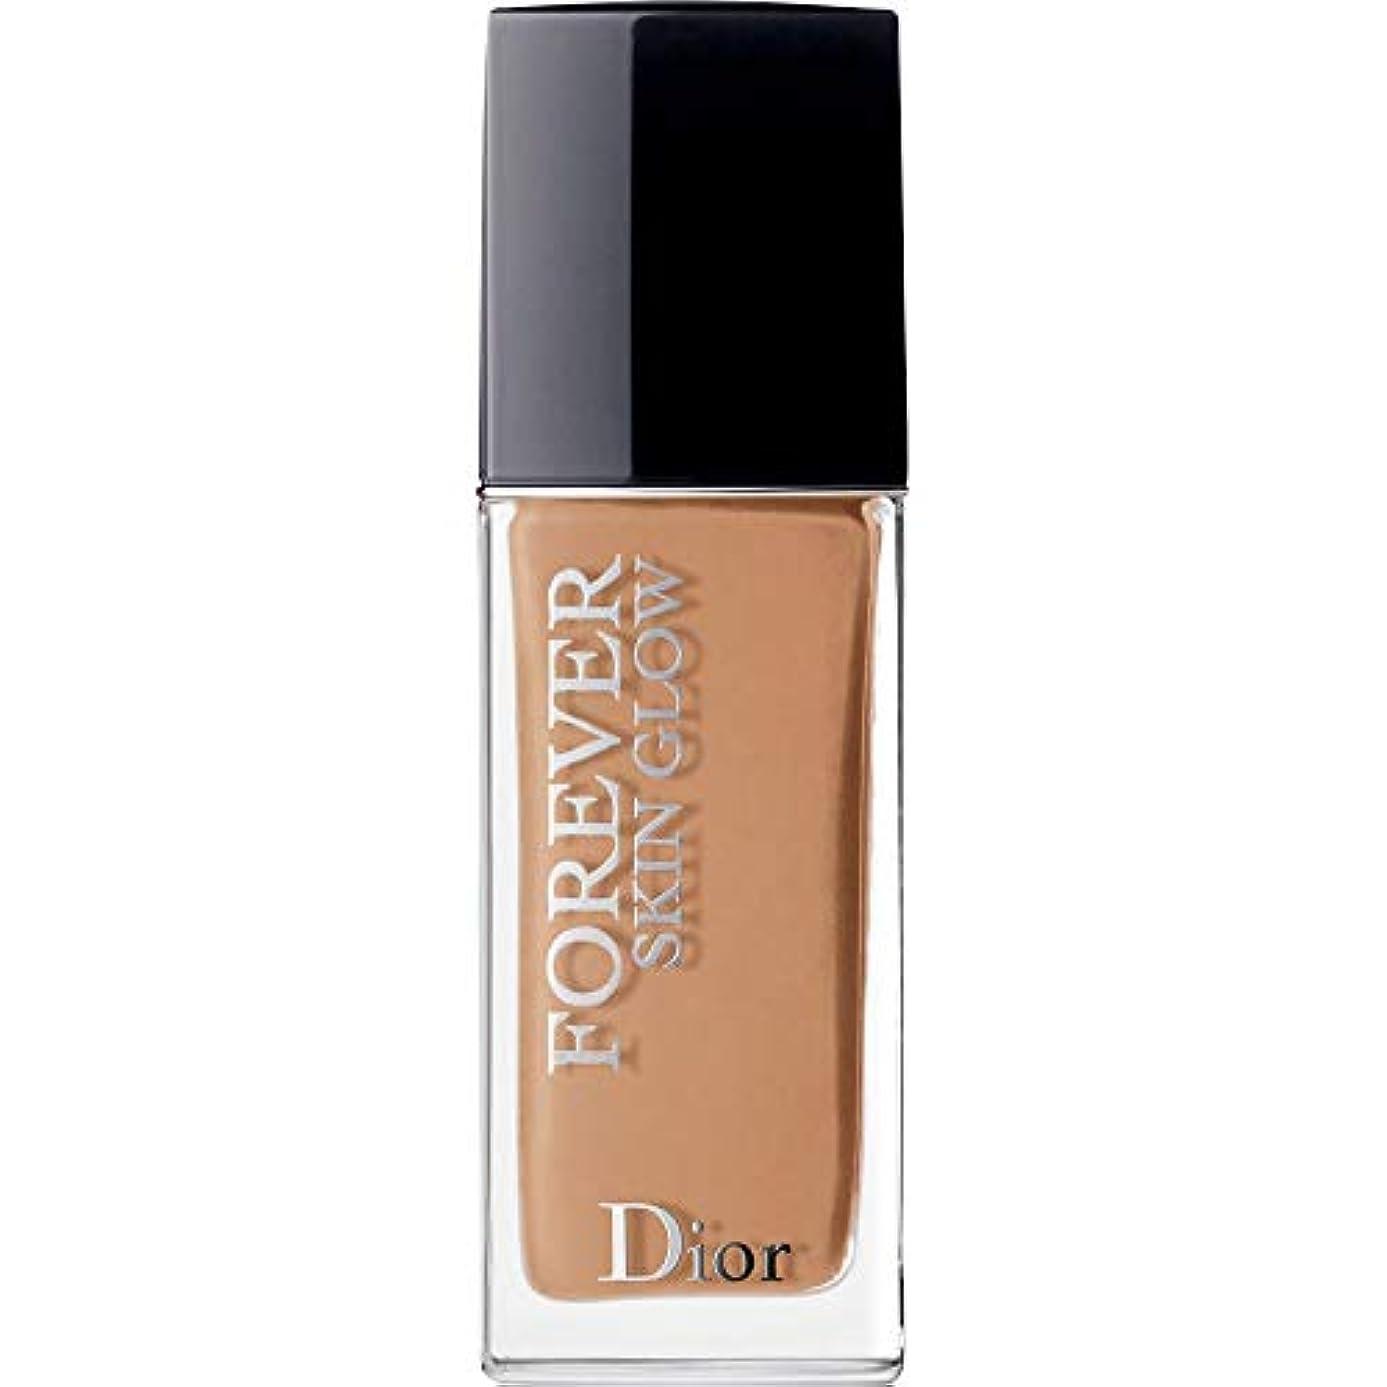 含む鍔西部[Dior ] ディオール永遠肌の輝き肌思いやりの基礎Spf35 30ミリリットルの4.5ワット - 暖かい(肌の輝き) - DIOR Forever Skin Glow Skin-Caring Foundation SPF35...